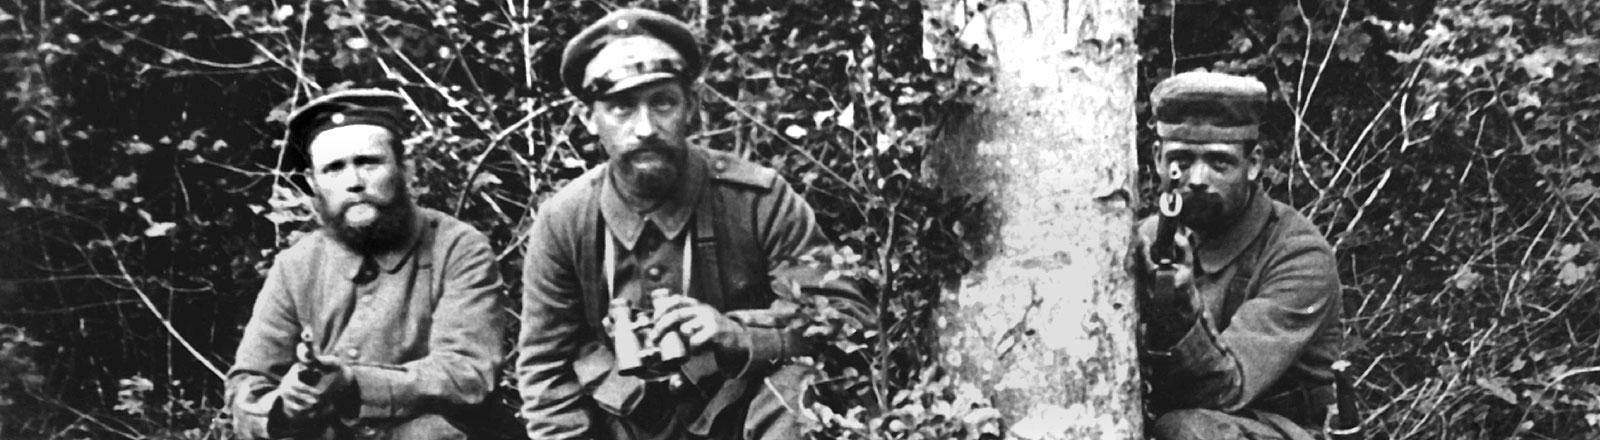 Deutsche Soldaten an der Westfront 1915.